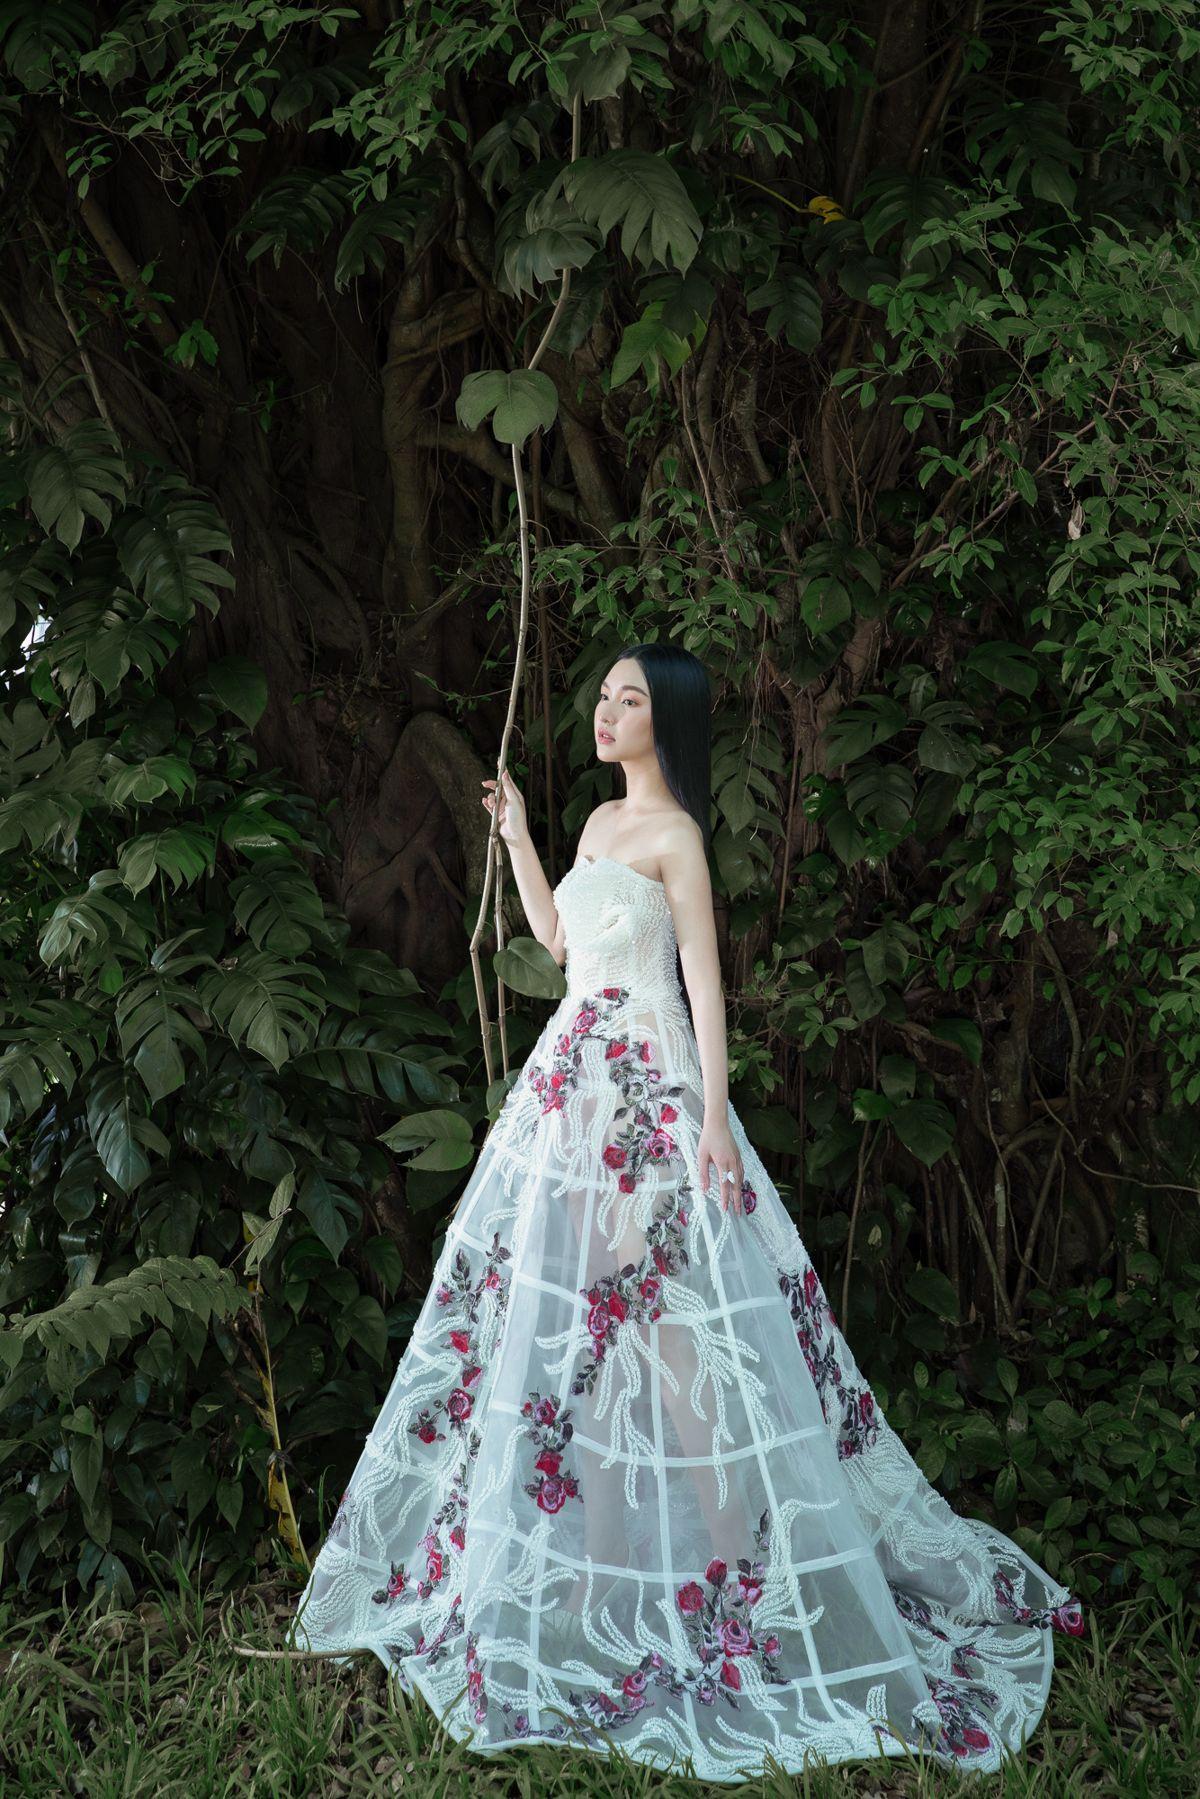 'Nàng thơ xứ Huế' Ngọc Trân cuốn hút với nét mơ màng trong loạt váy áo e ấp Ảnh 3